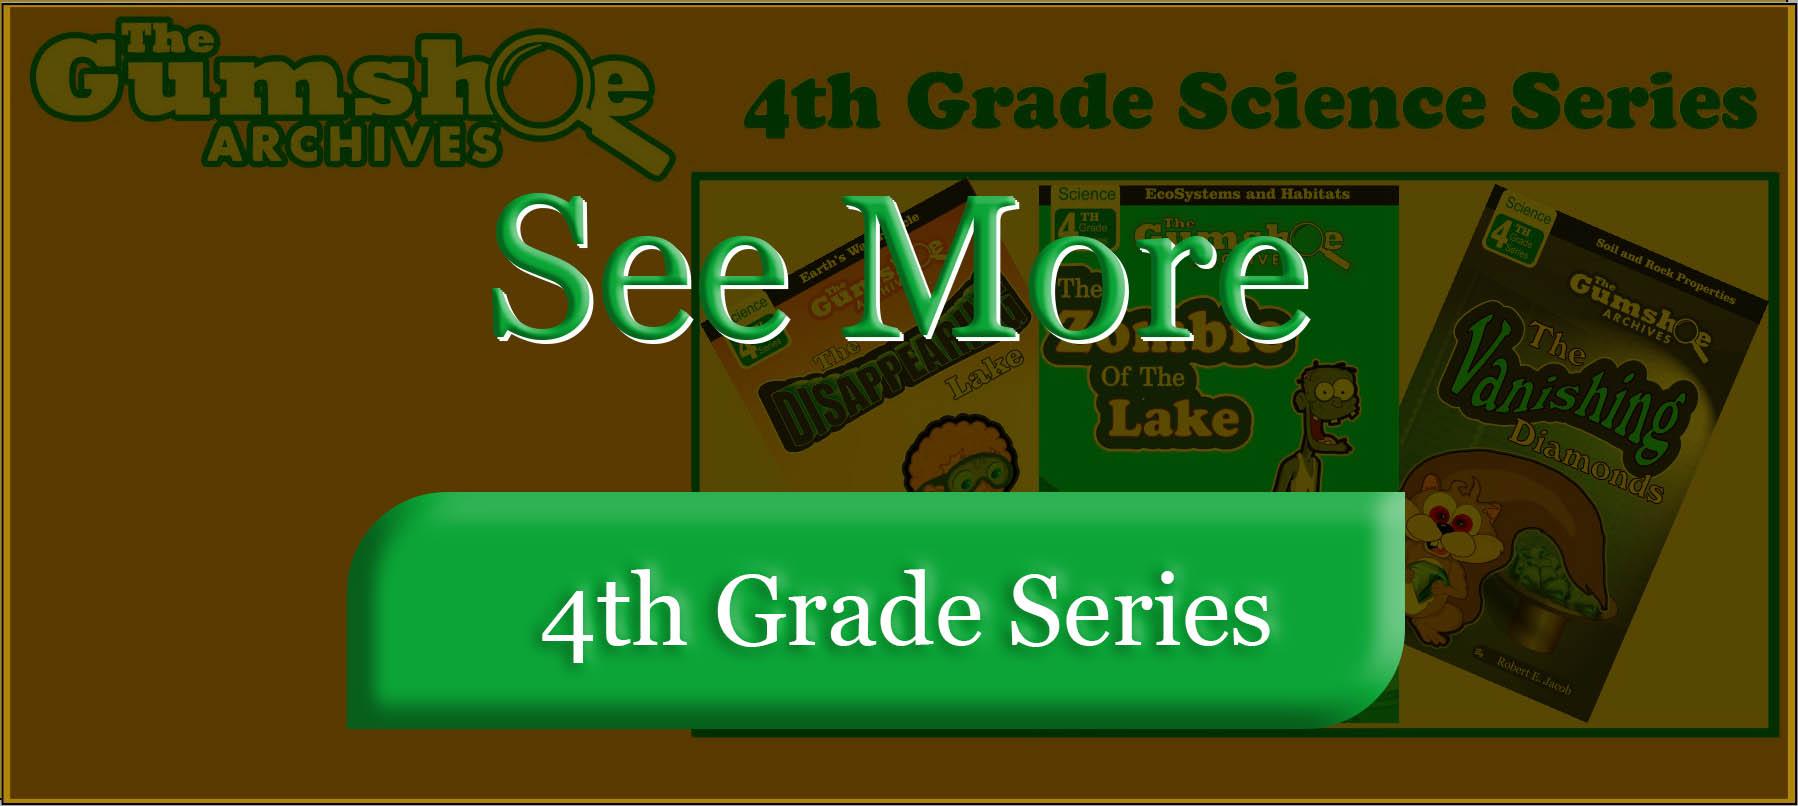 childrens science books 4th grade button